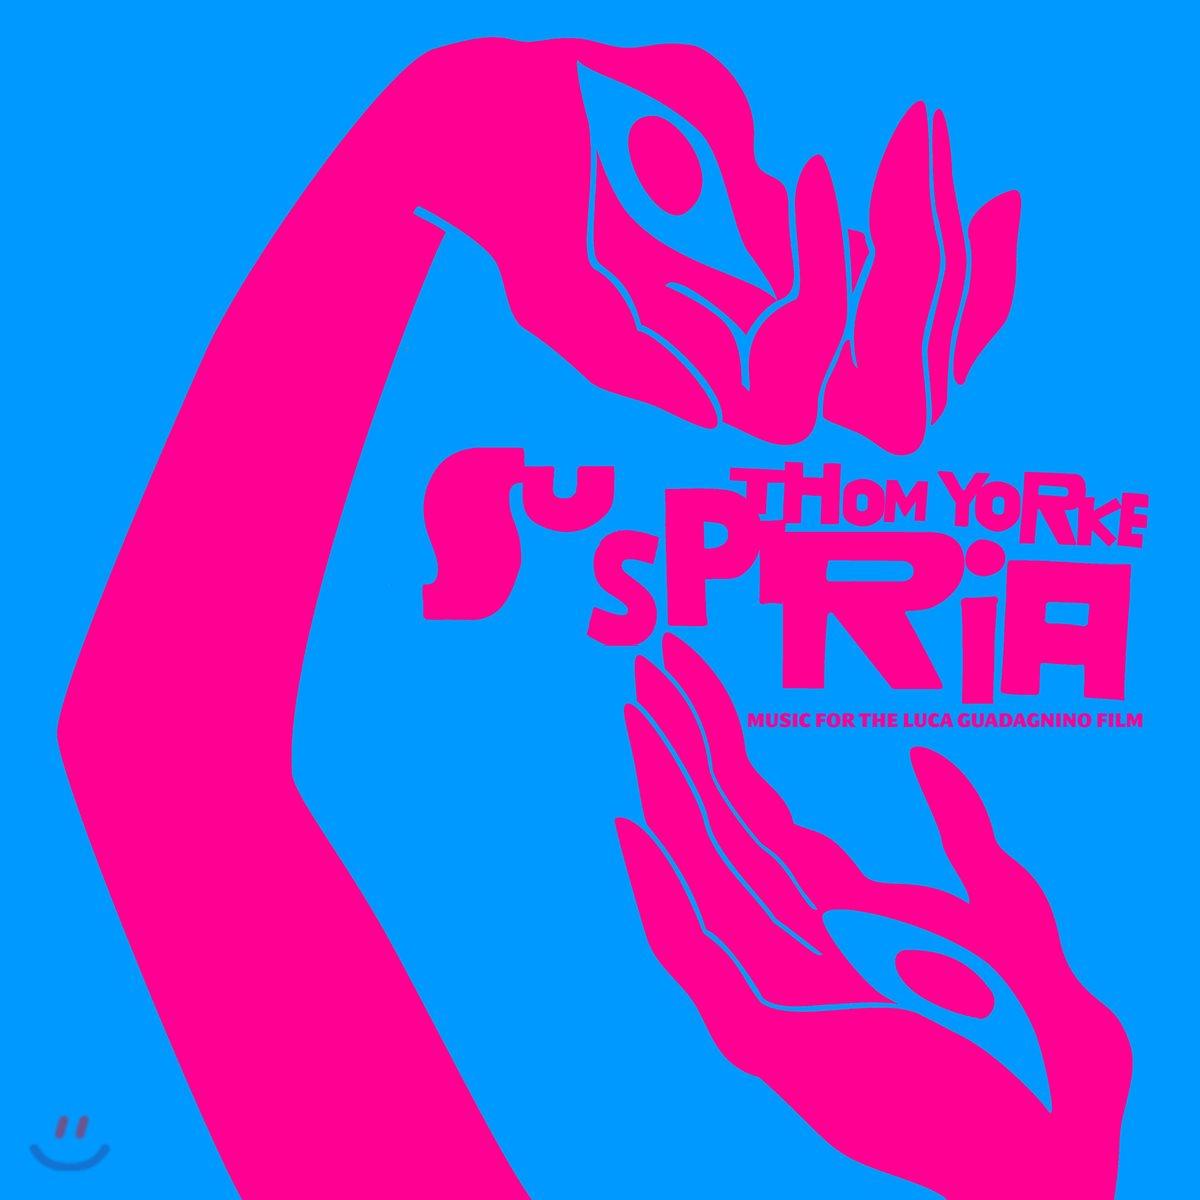 서스페리아 영화음악 (Suspiria OST by Thom Yorke) [2CD]